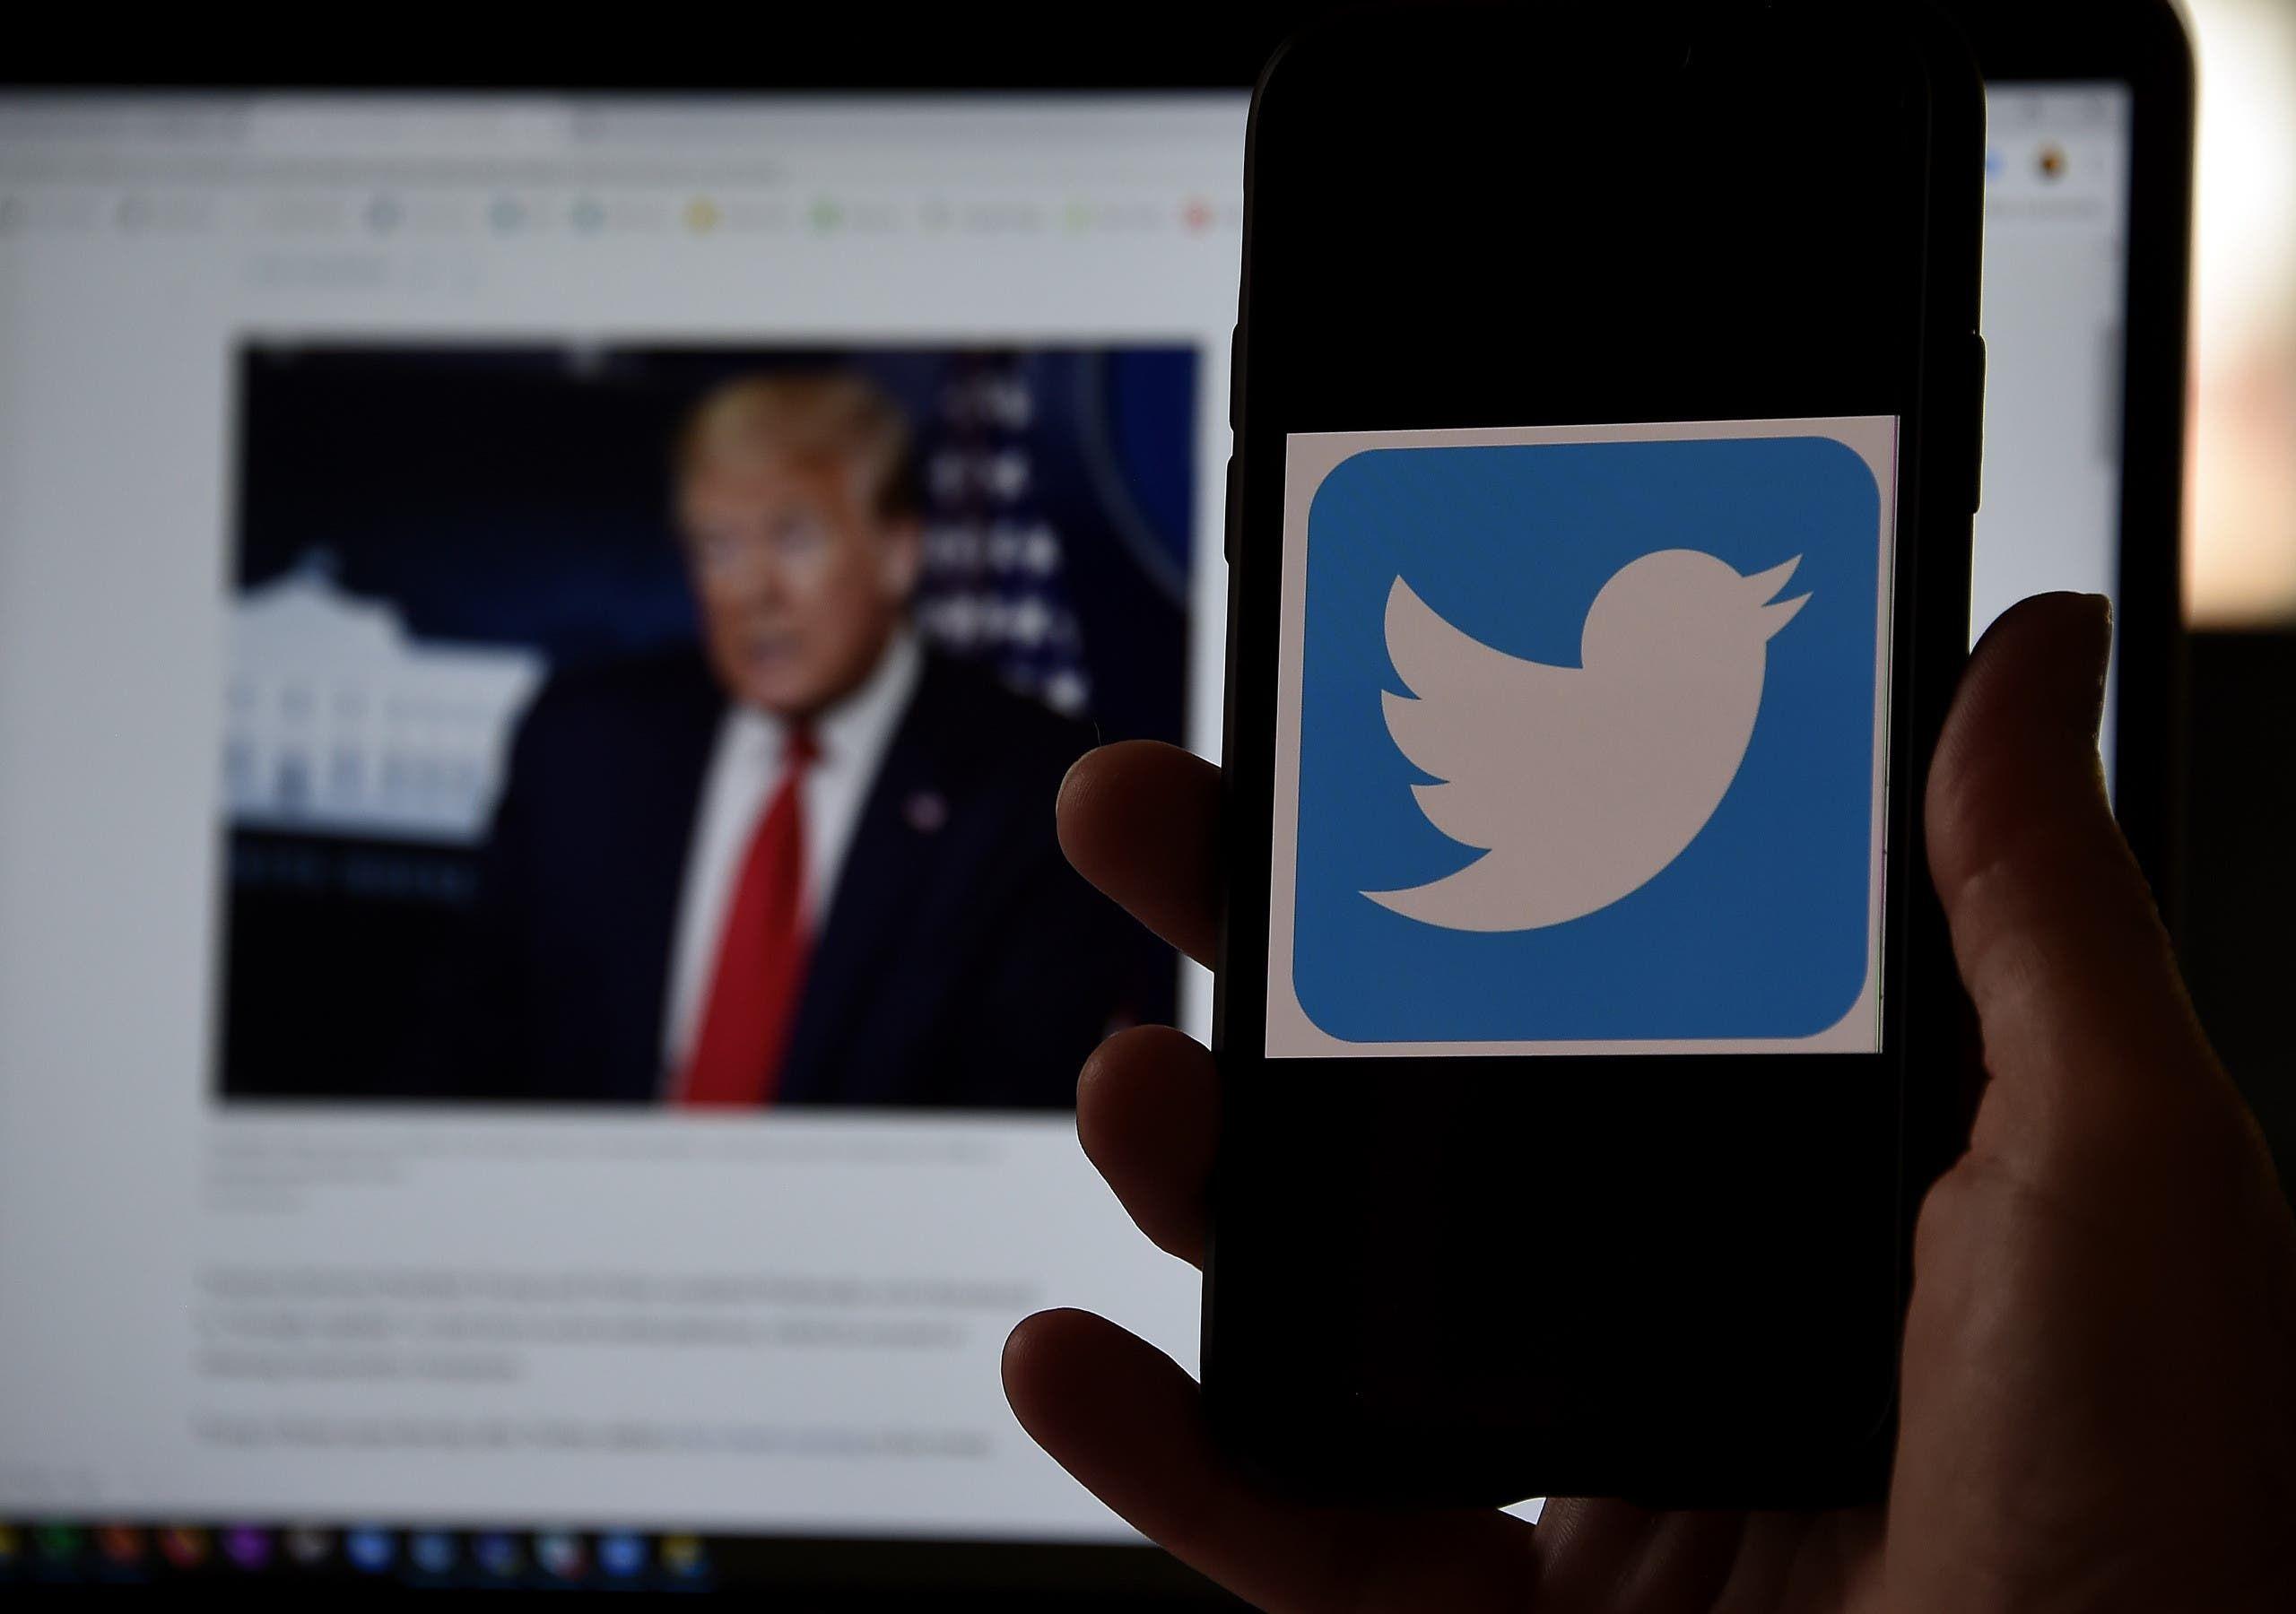 الرئيس الأميركي دونالد ترمب وتويتر (أرشيفية- فرانس برس)